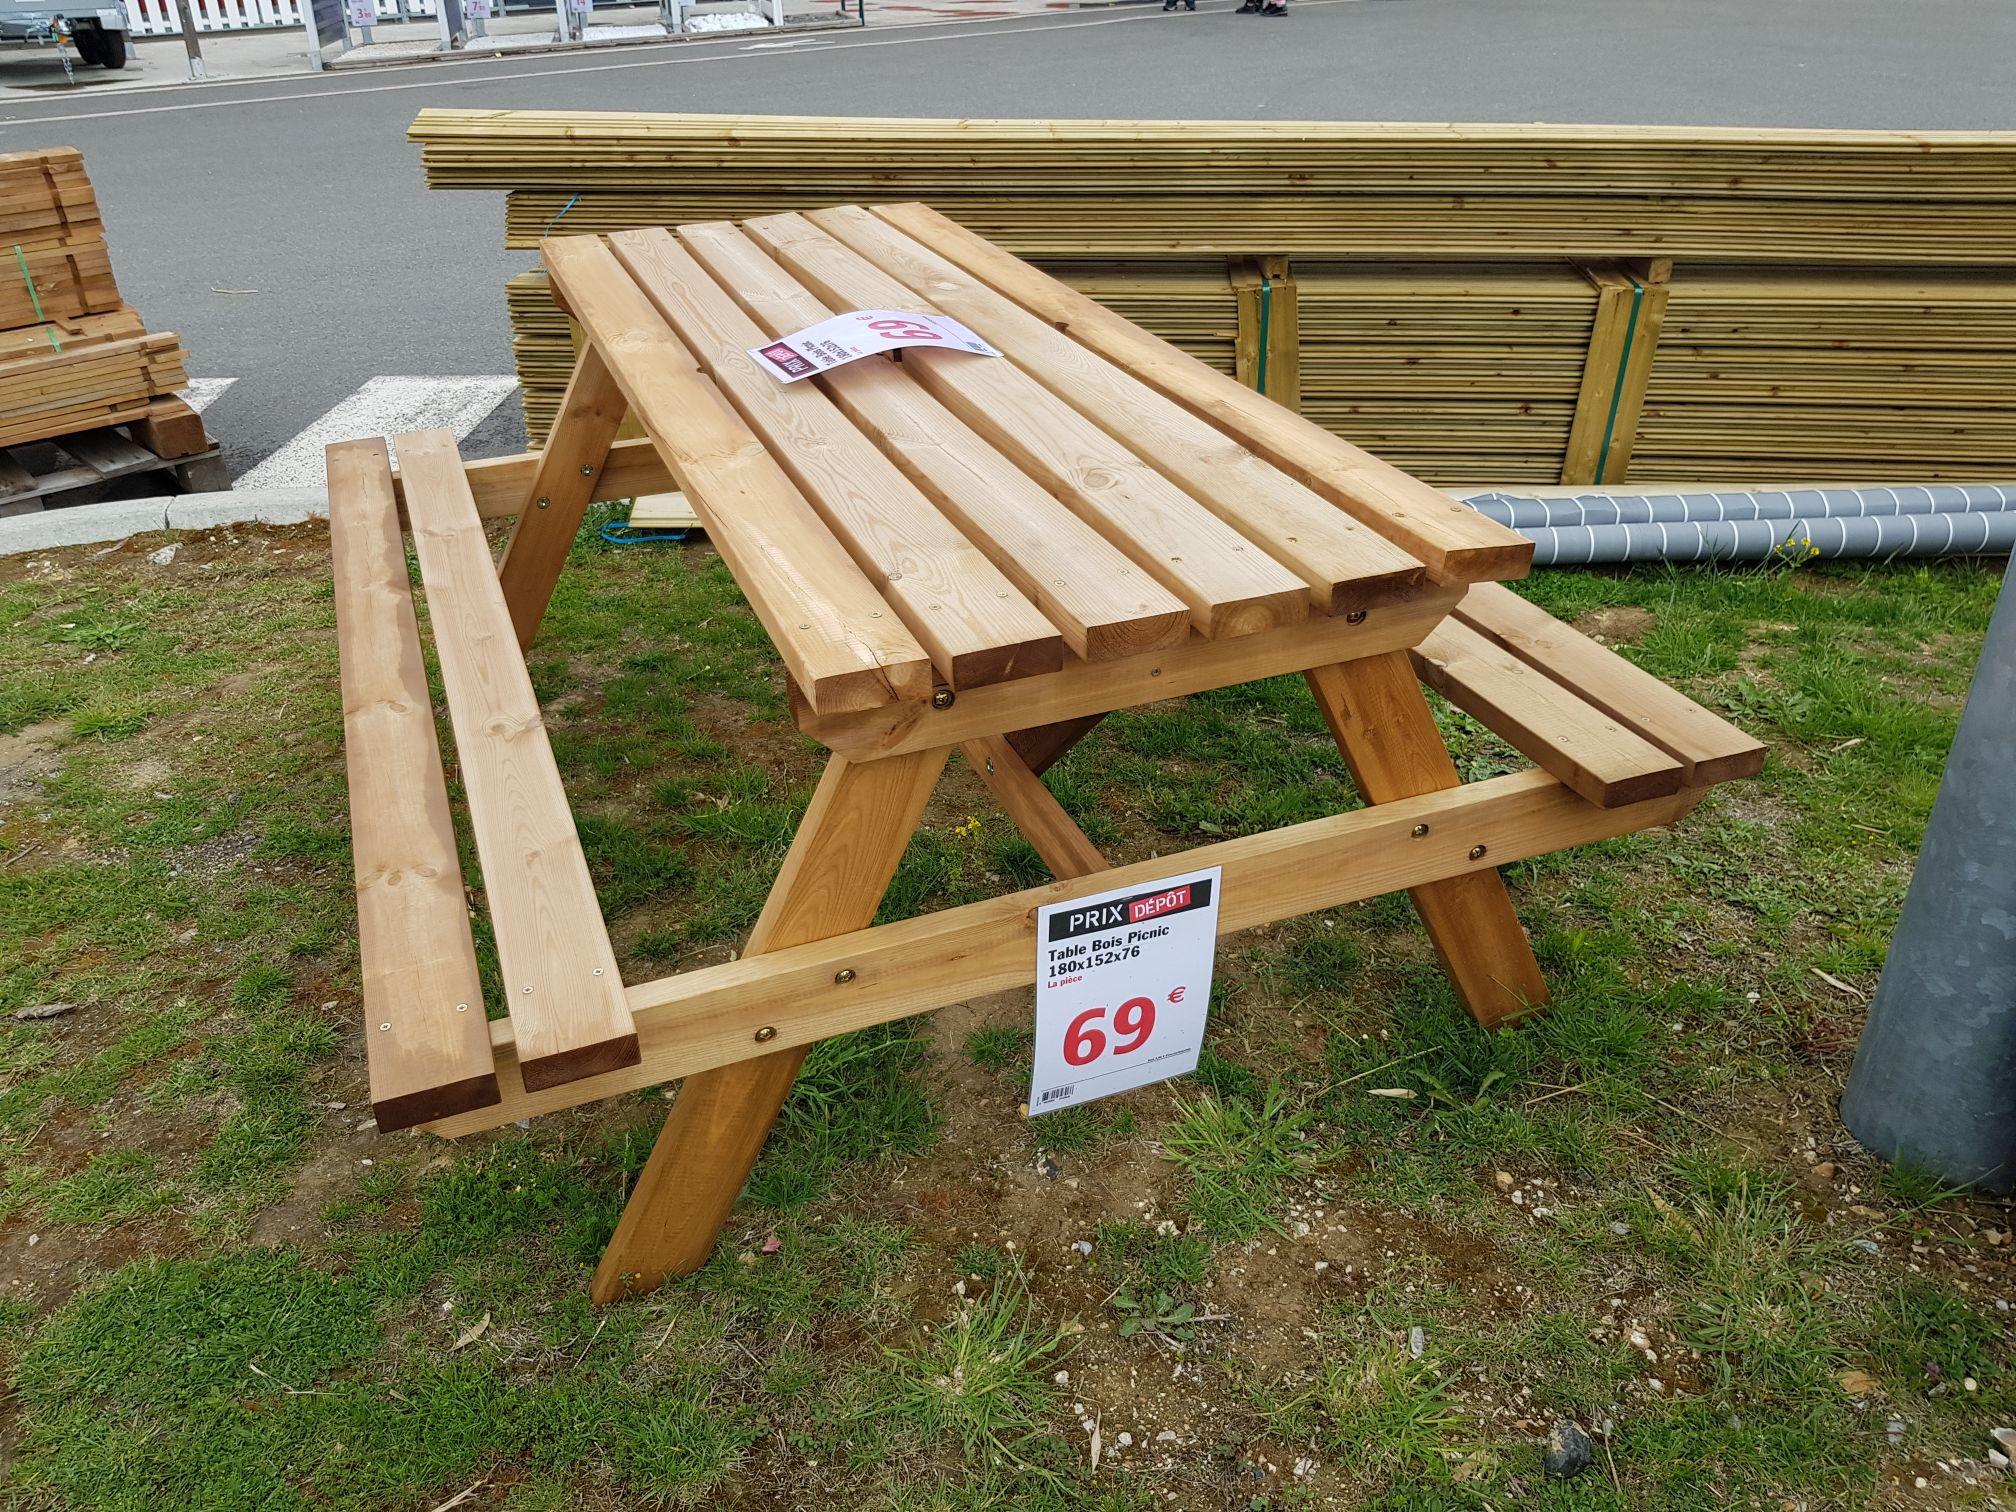 Table de picnic bois - 6 personnes, Brico dépôt des essarts le roi (78)